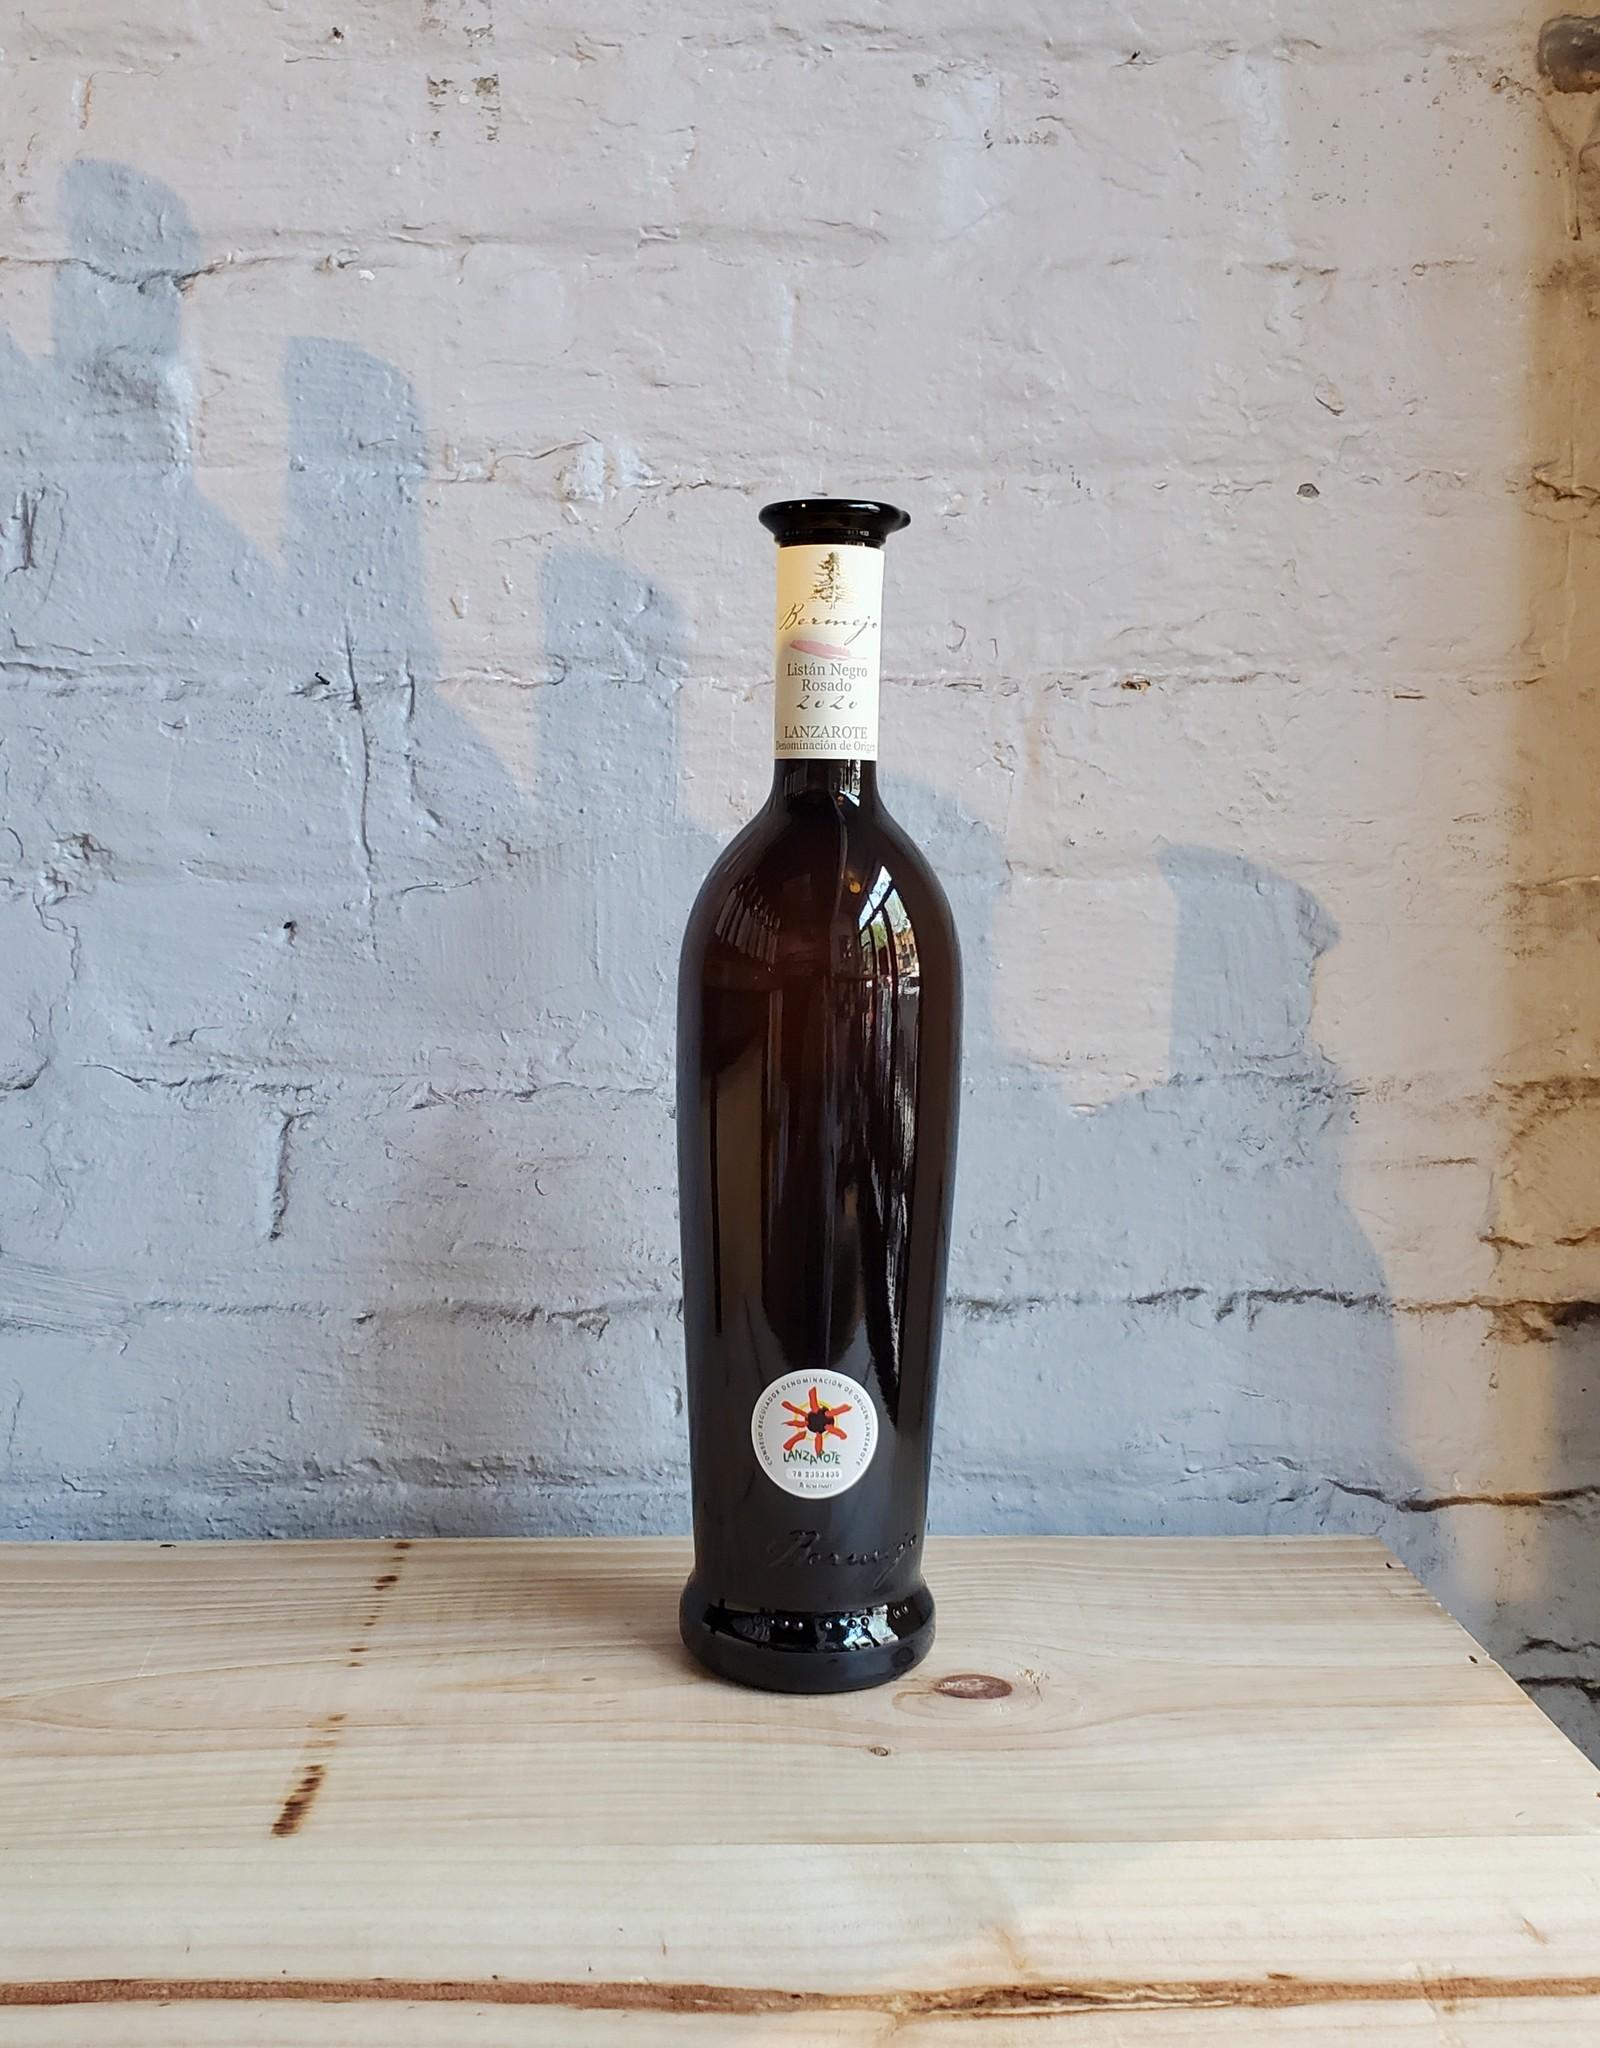 Wine 2020 Bodegas Los Bermejos Listan Rosado - Lanzarote, Canary Islands, Spain (750ml)